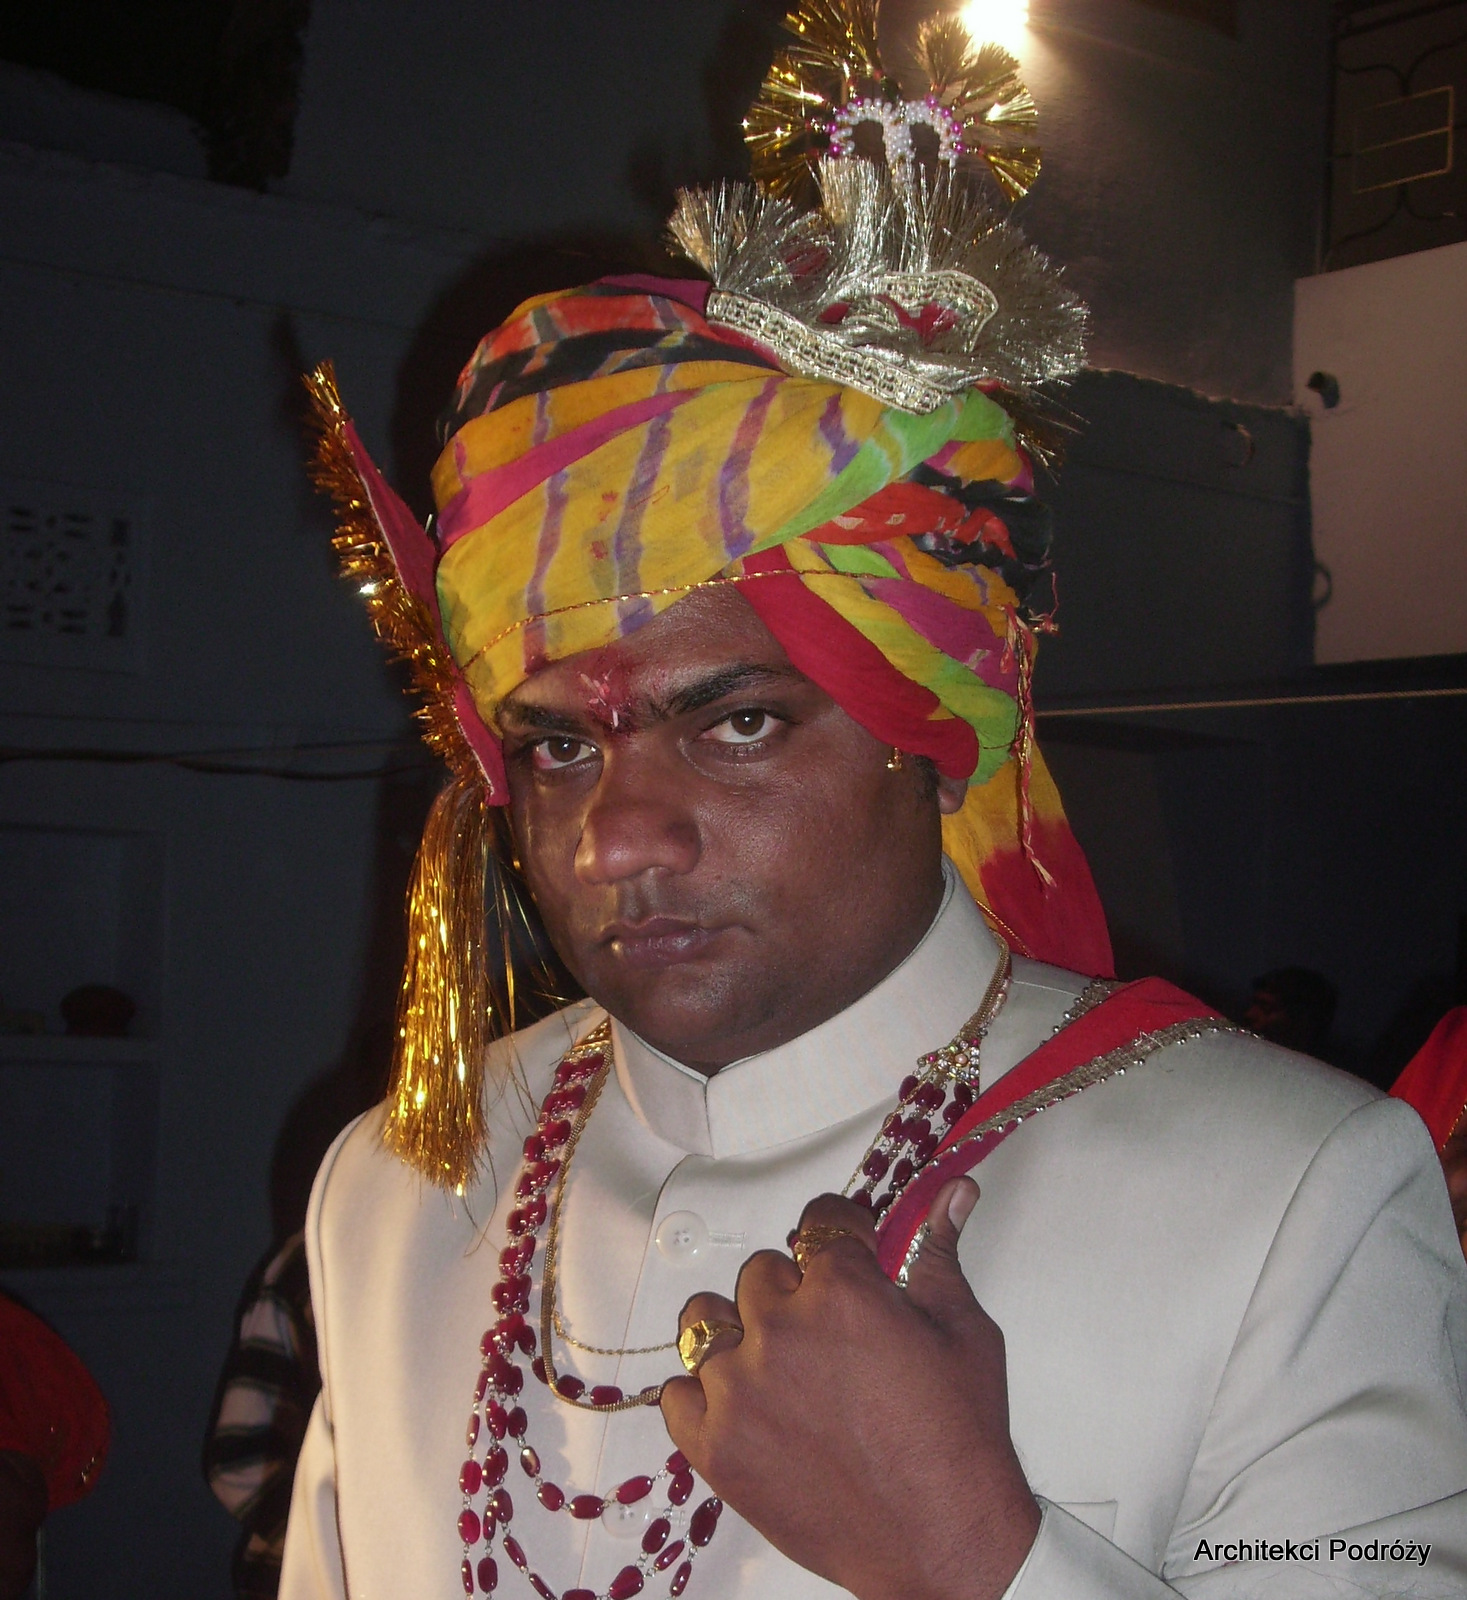 O Indyjskich Małżeństwach Architekci Podróży